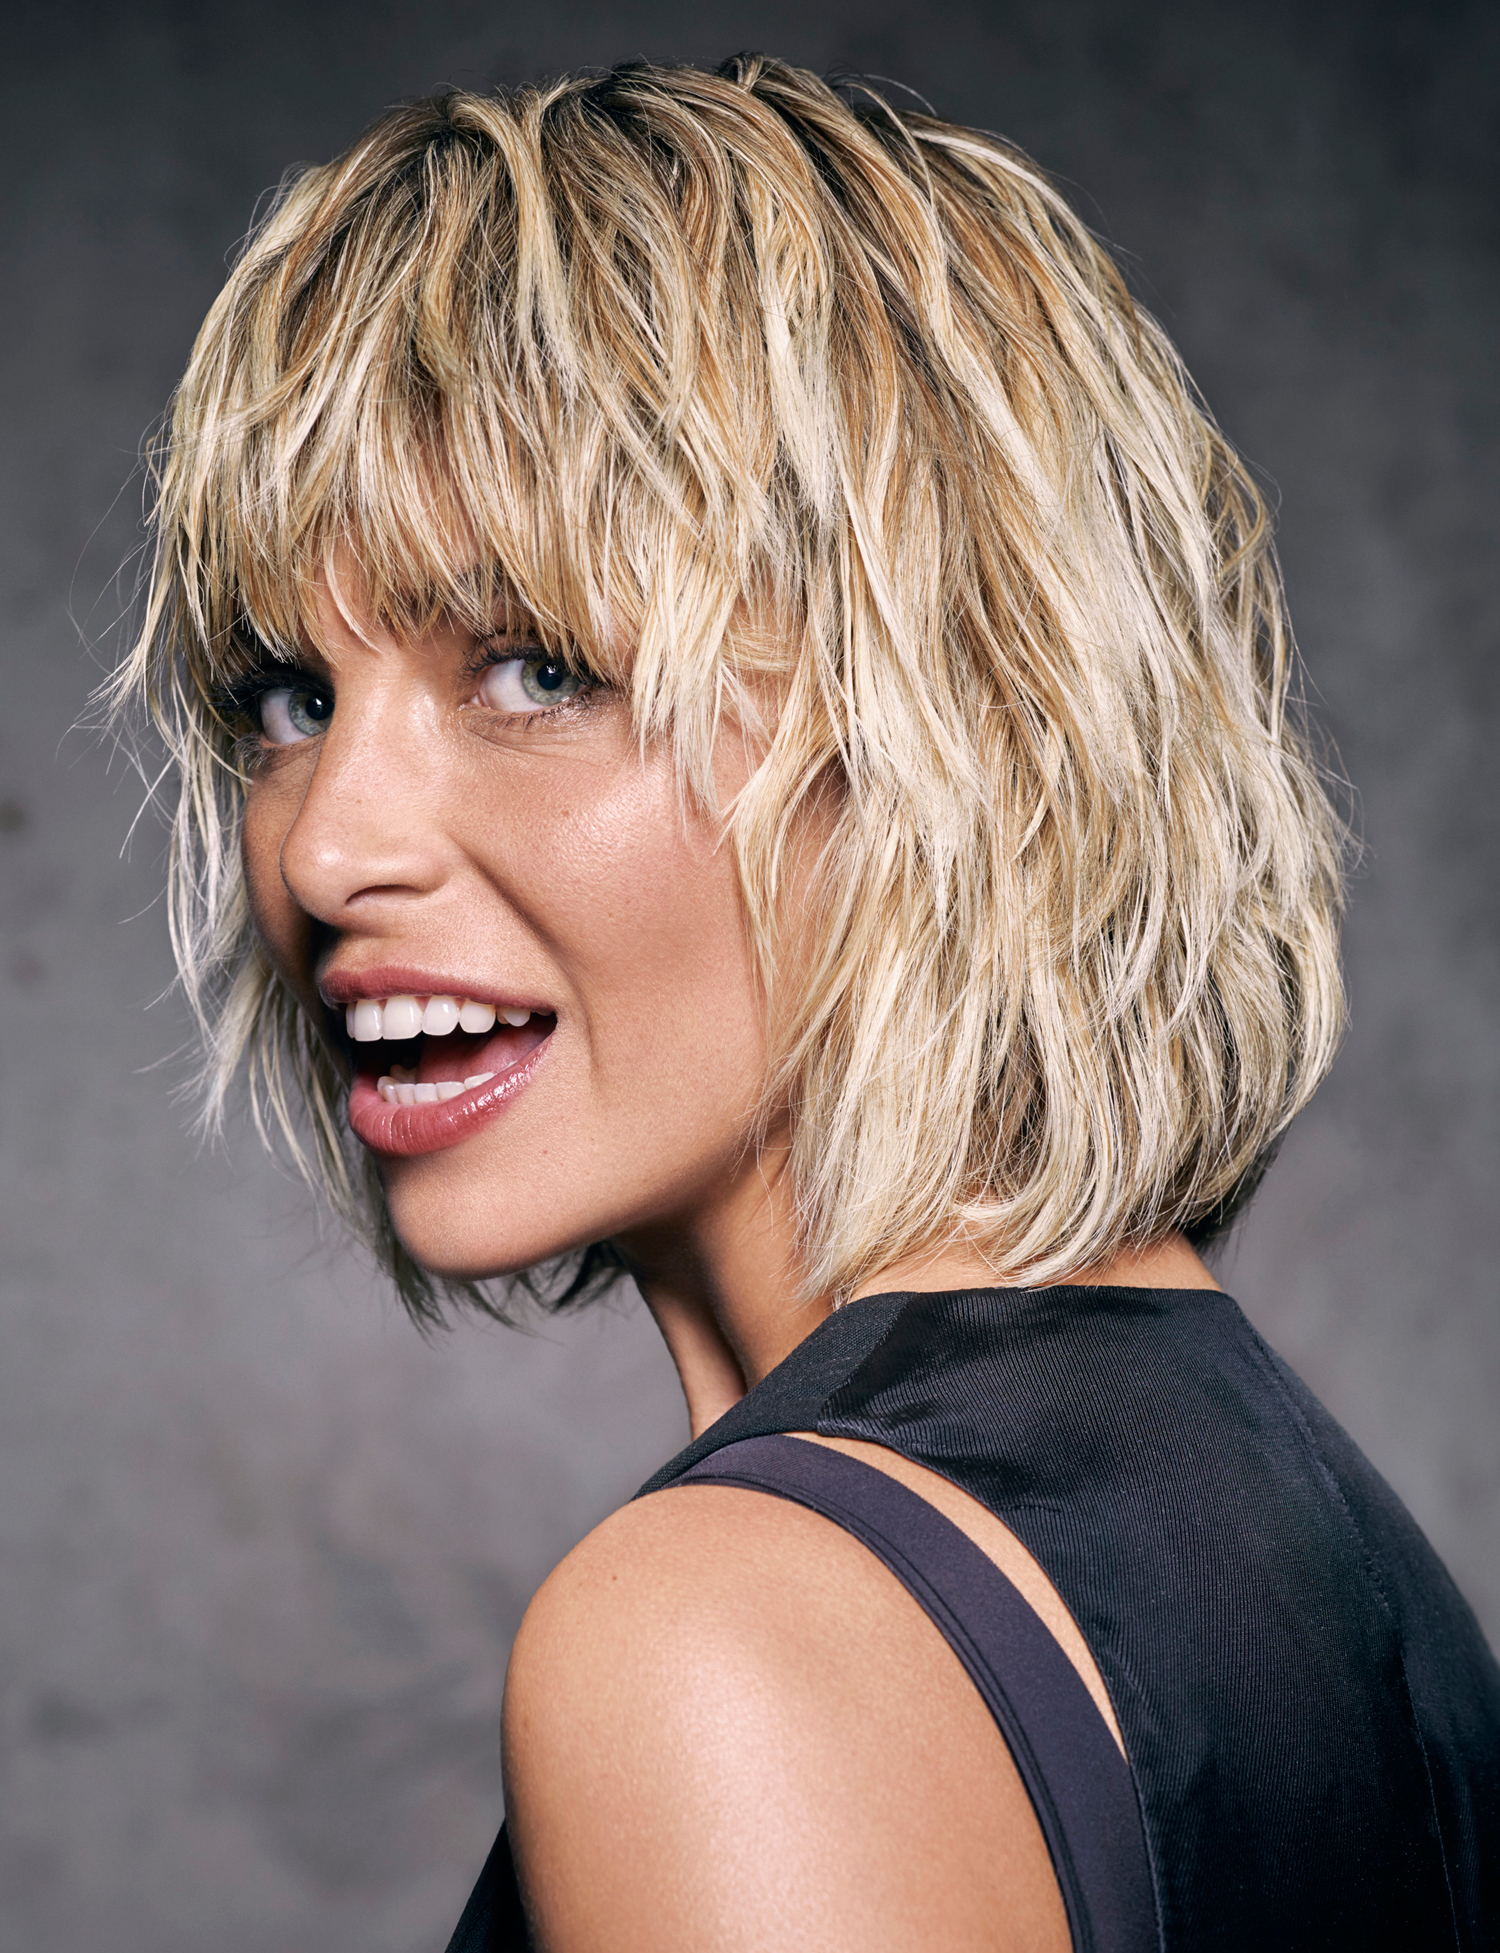 Les Tendances Coupe De Cheveux Du Printemps Ete 2020 Femme Actuelle